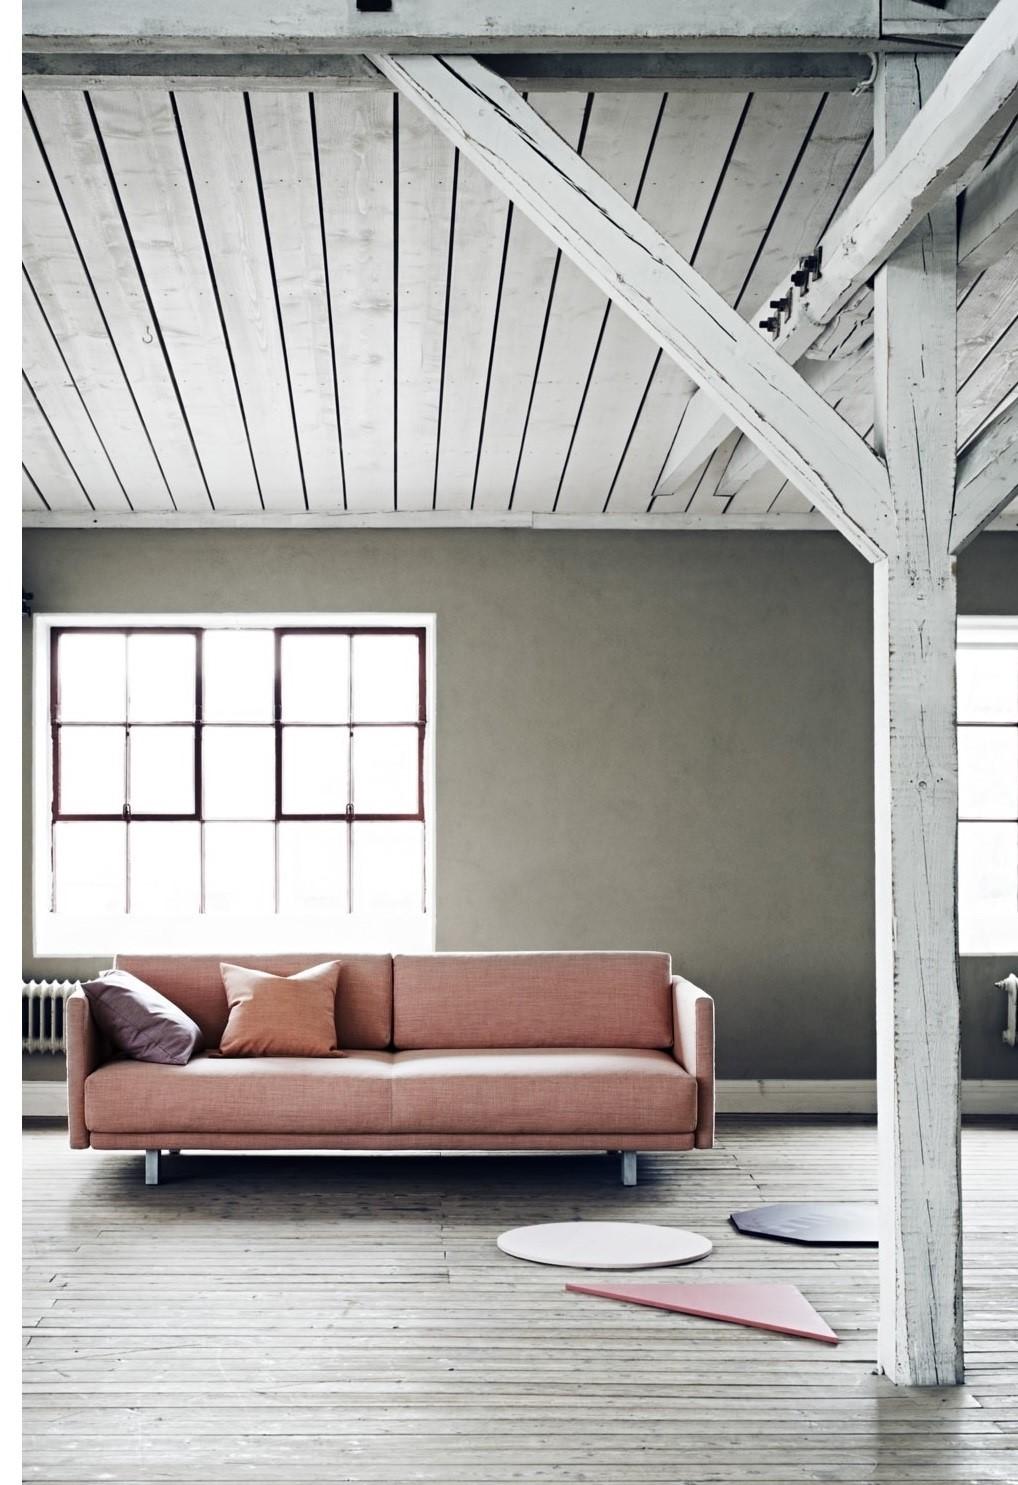 Full Size of Mondo Sofa Softline Design Sofas Gemtlichkeit Fr Weihnachtszeit Mit Verstellbarer Sitztiefe Relaxfunktion Benz Natura Erpo Bezug Landhausstil Ewald Schillig Sofa Mondo Sofa